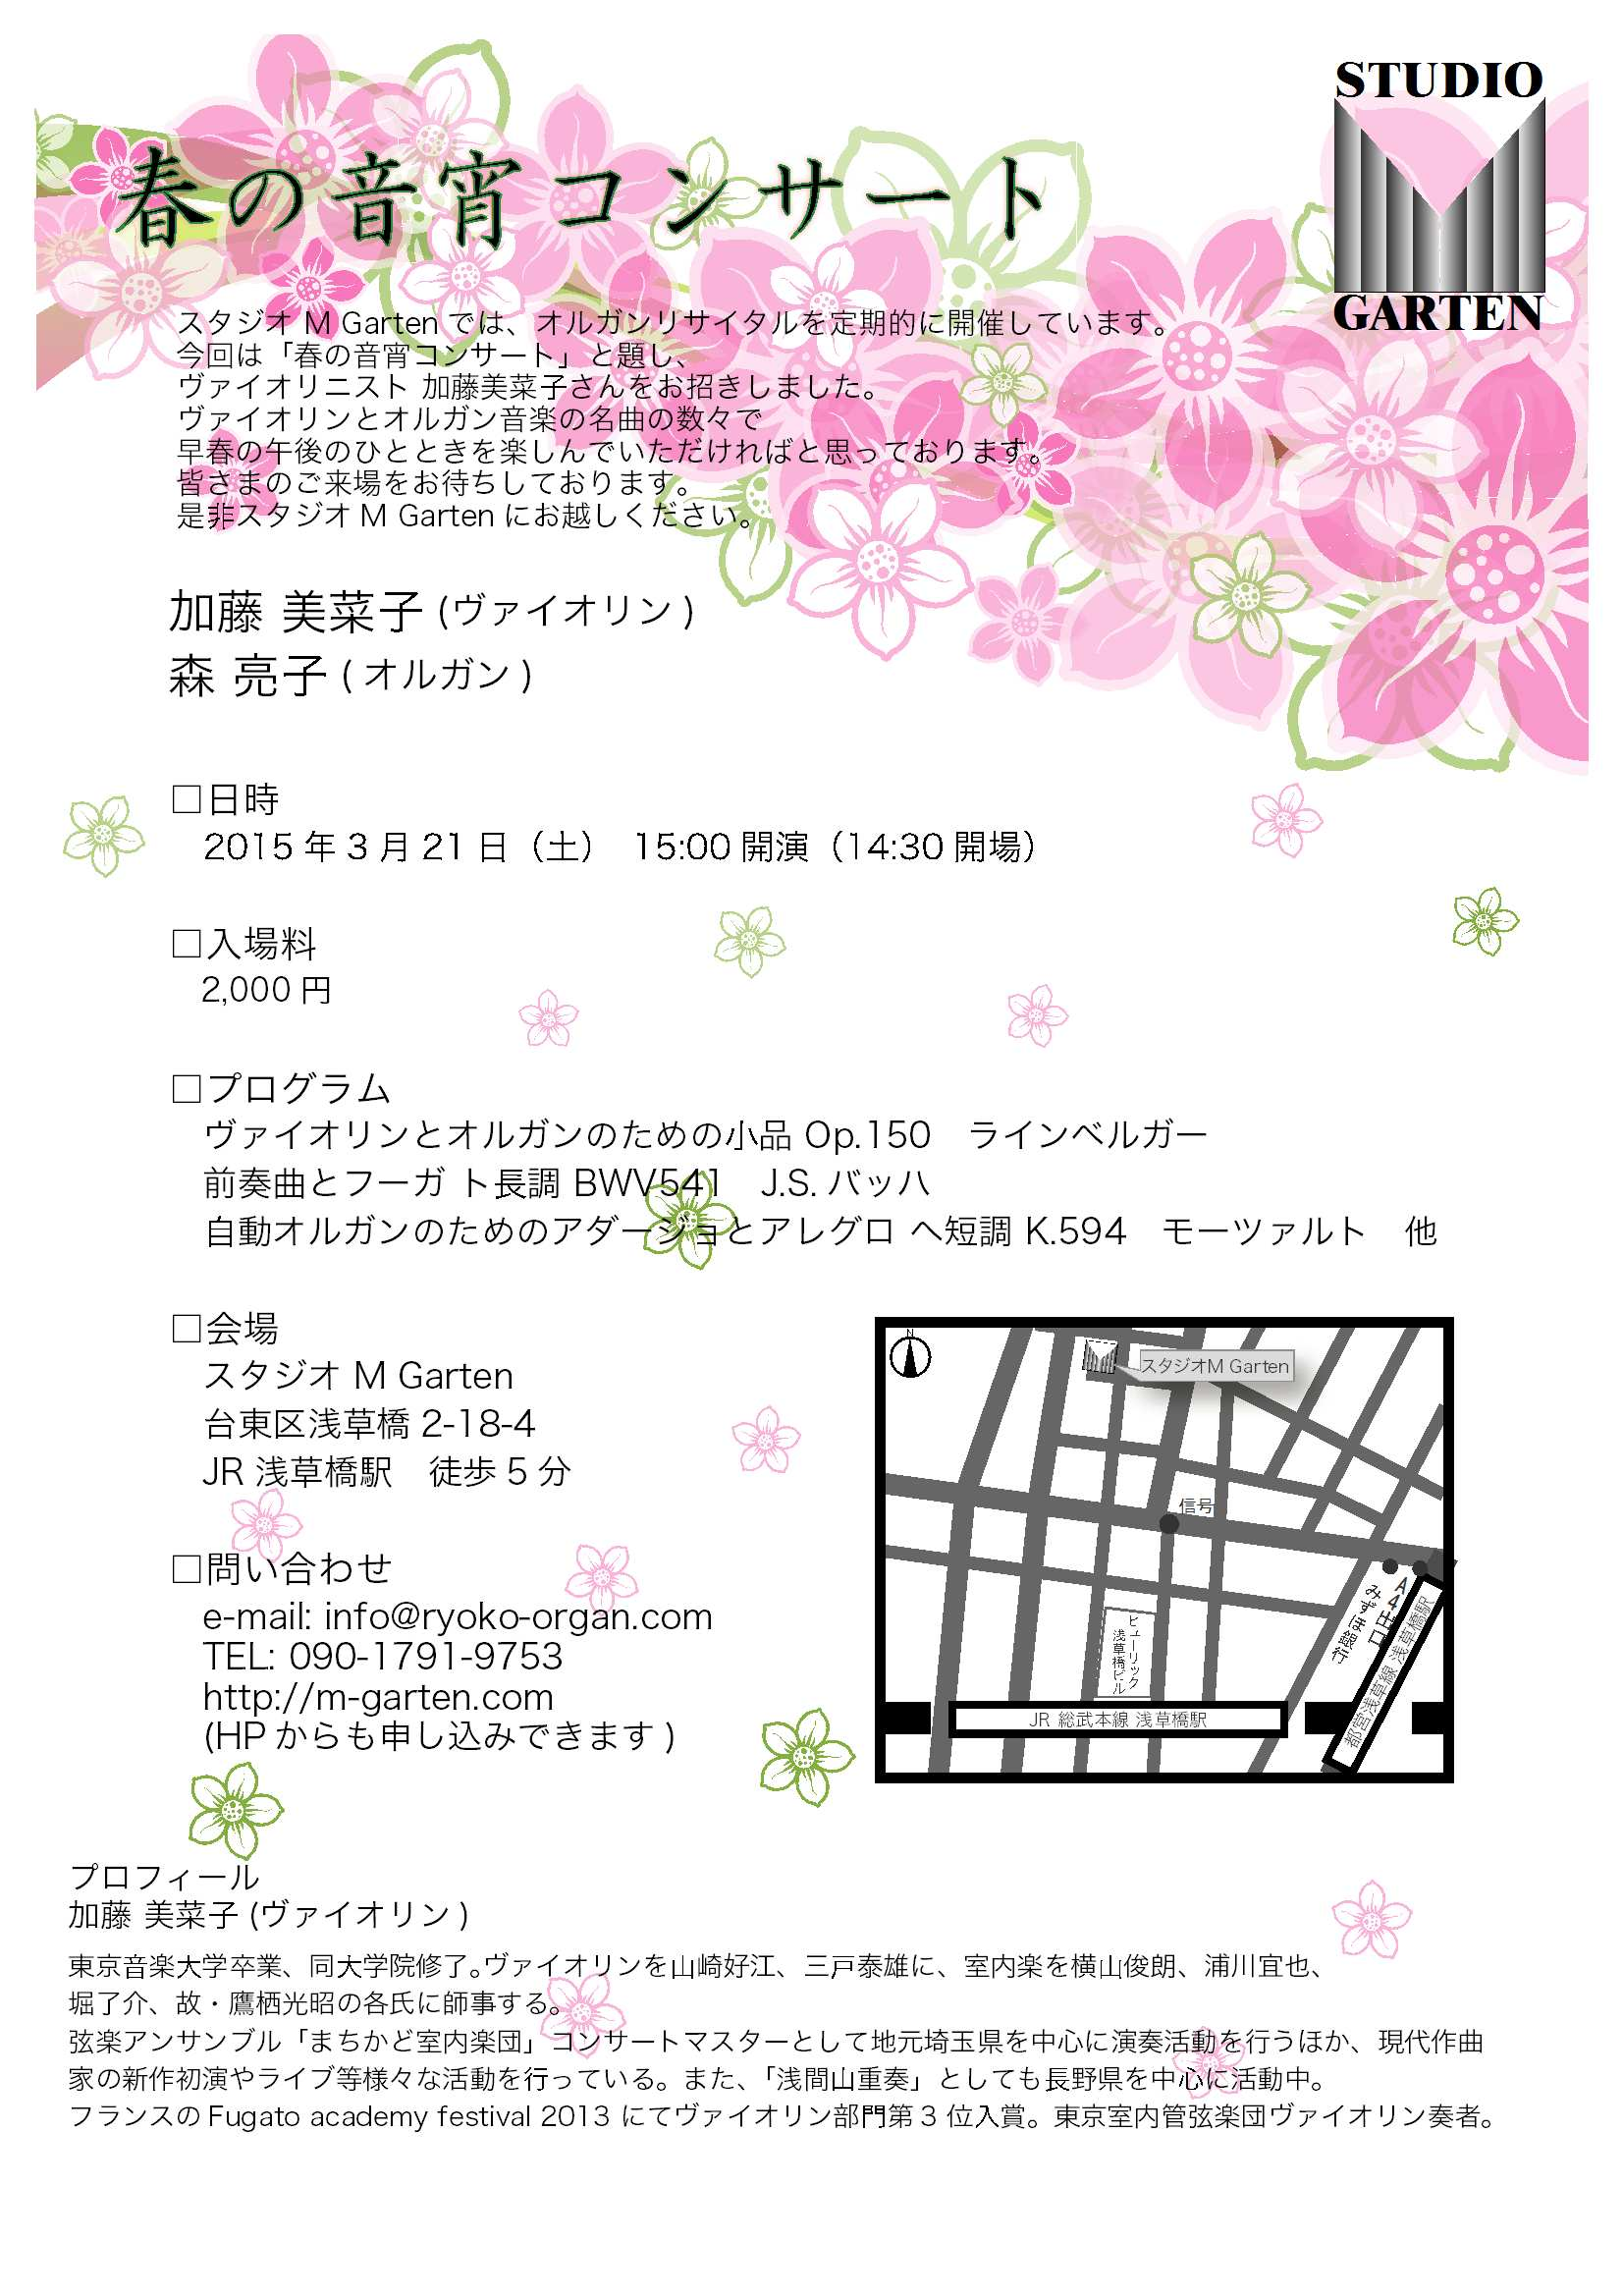 春のオルガンとヴァイオリンによるコンサート!_c0168178_22574161.jpg